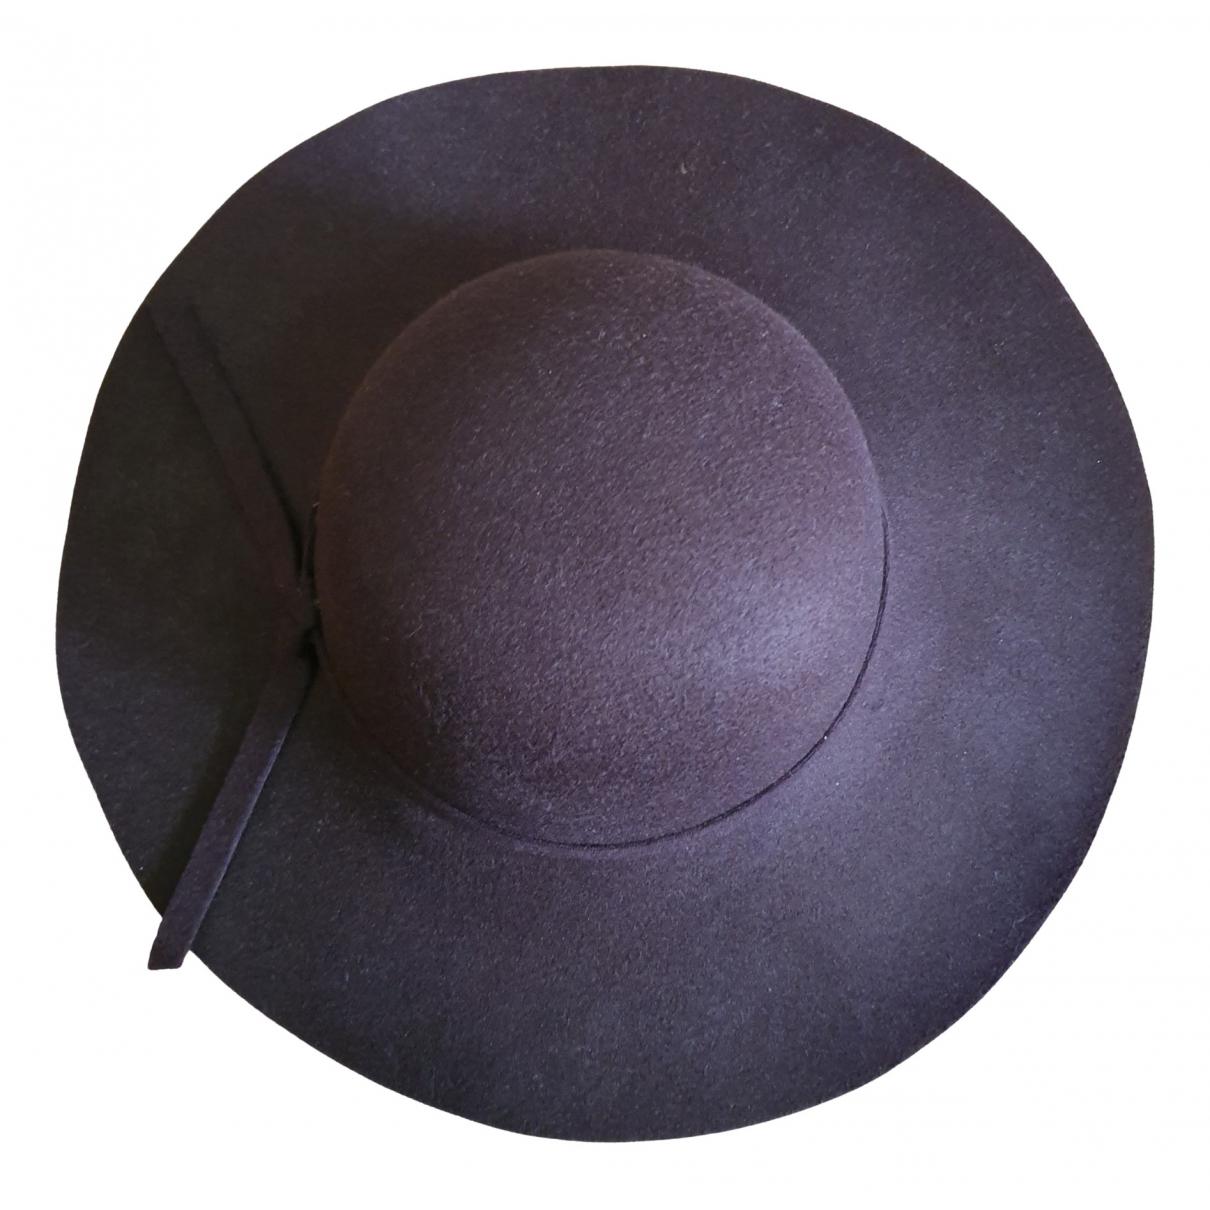 Sombrero Non Signe / Unsigned